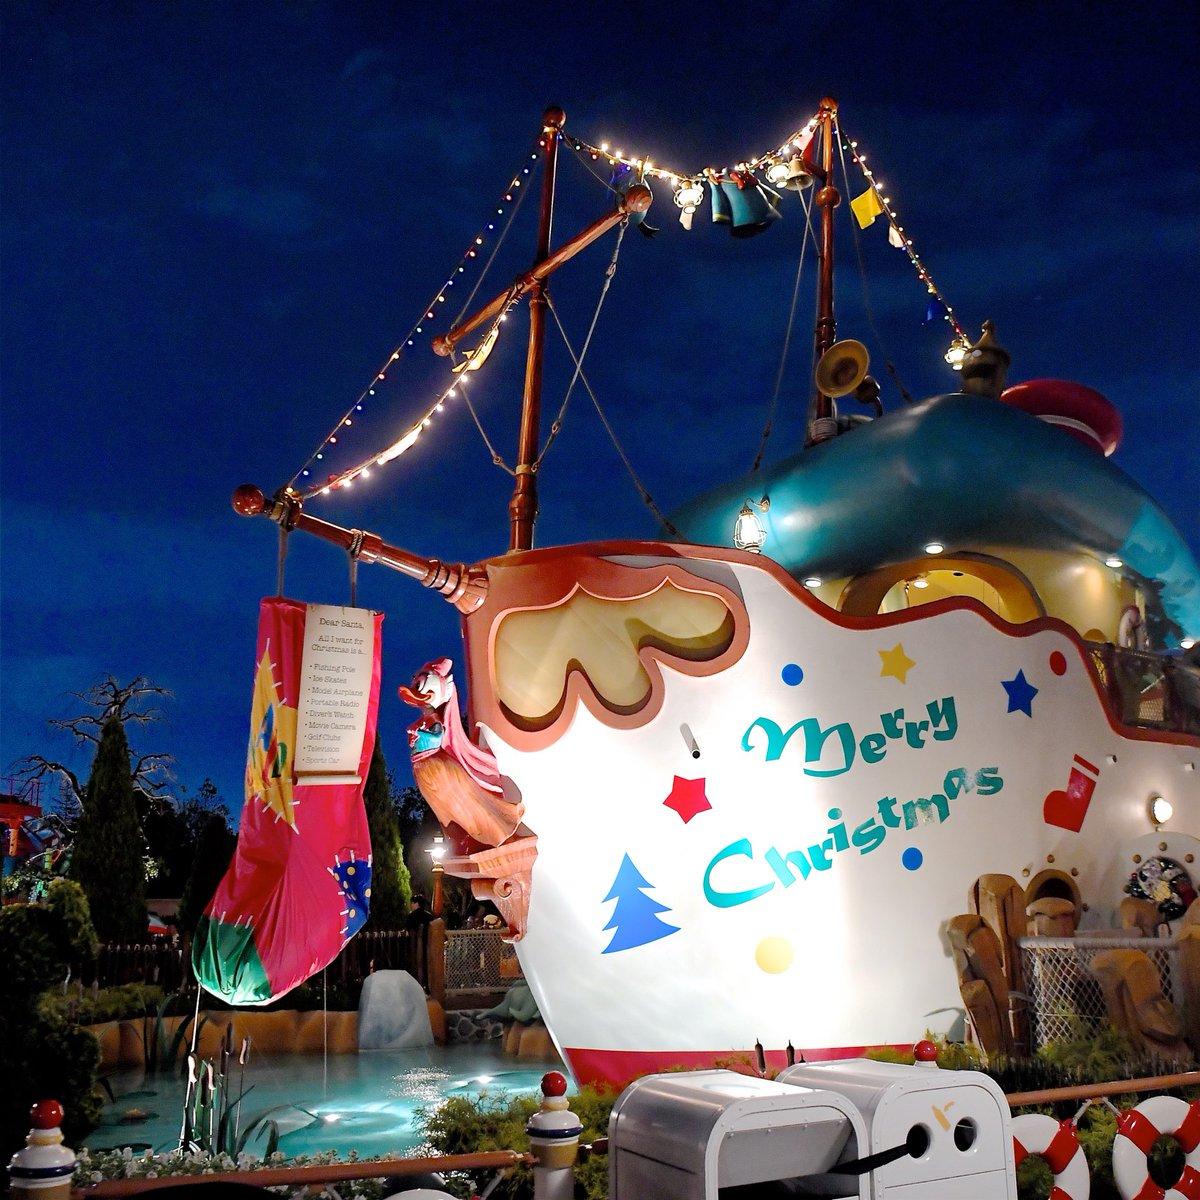 東京ディズニーランドかわいいクリスマスデコレーションのトゥーンタウン☆